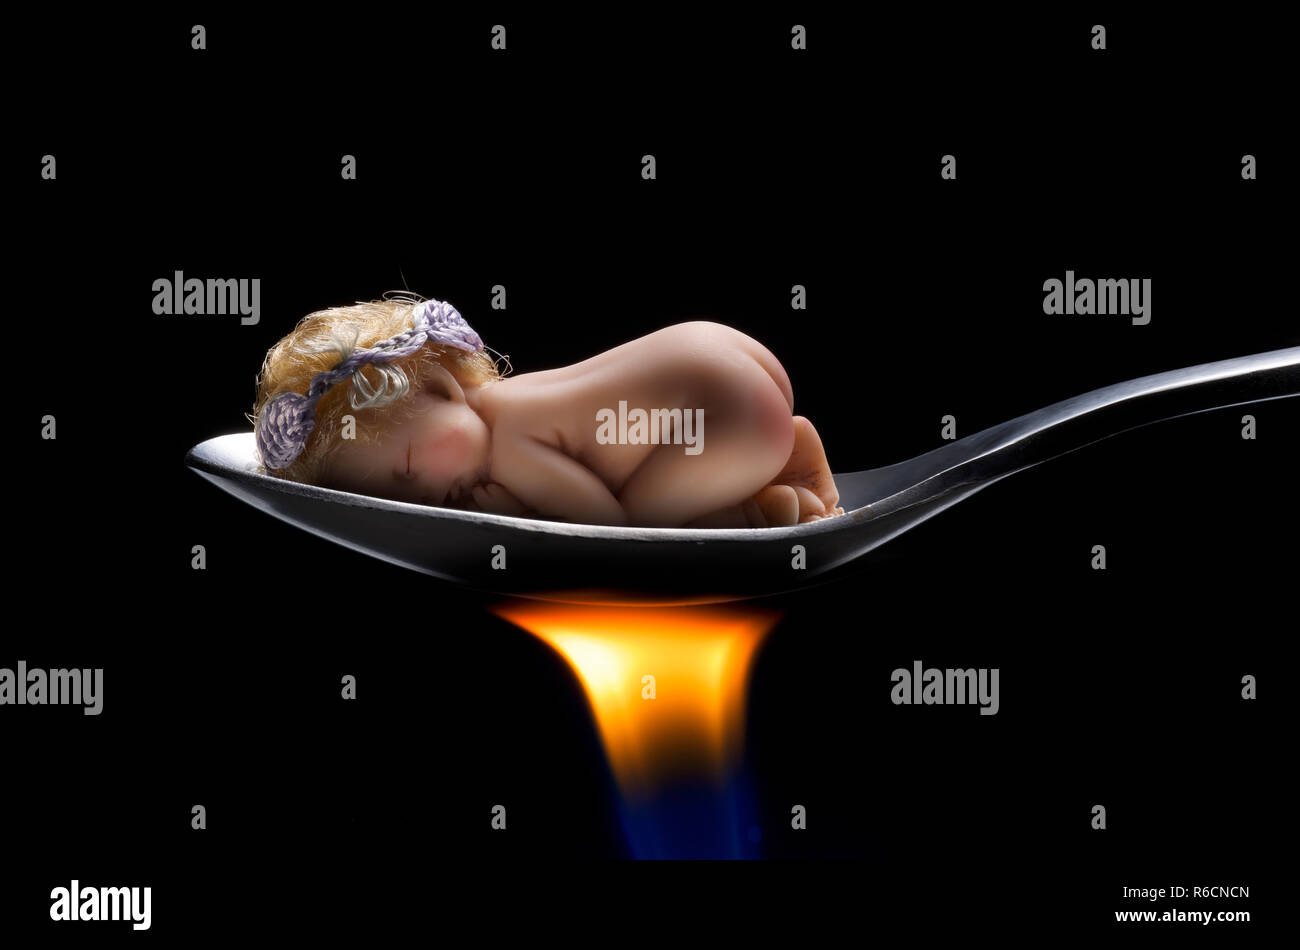 Baby schlafend auf Löffel über brennende Flamme Stockbild